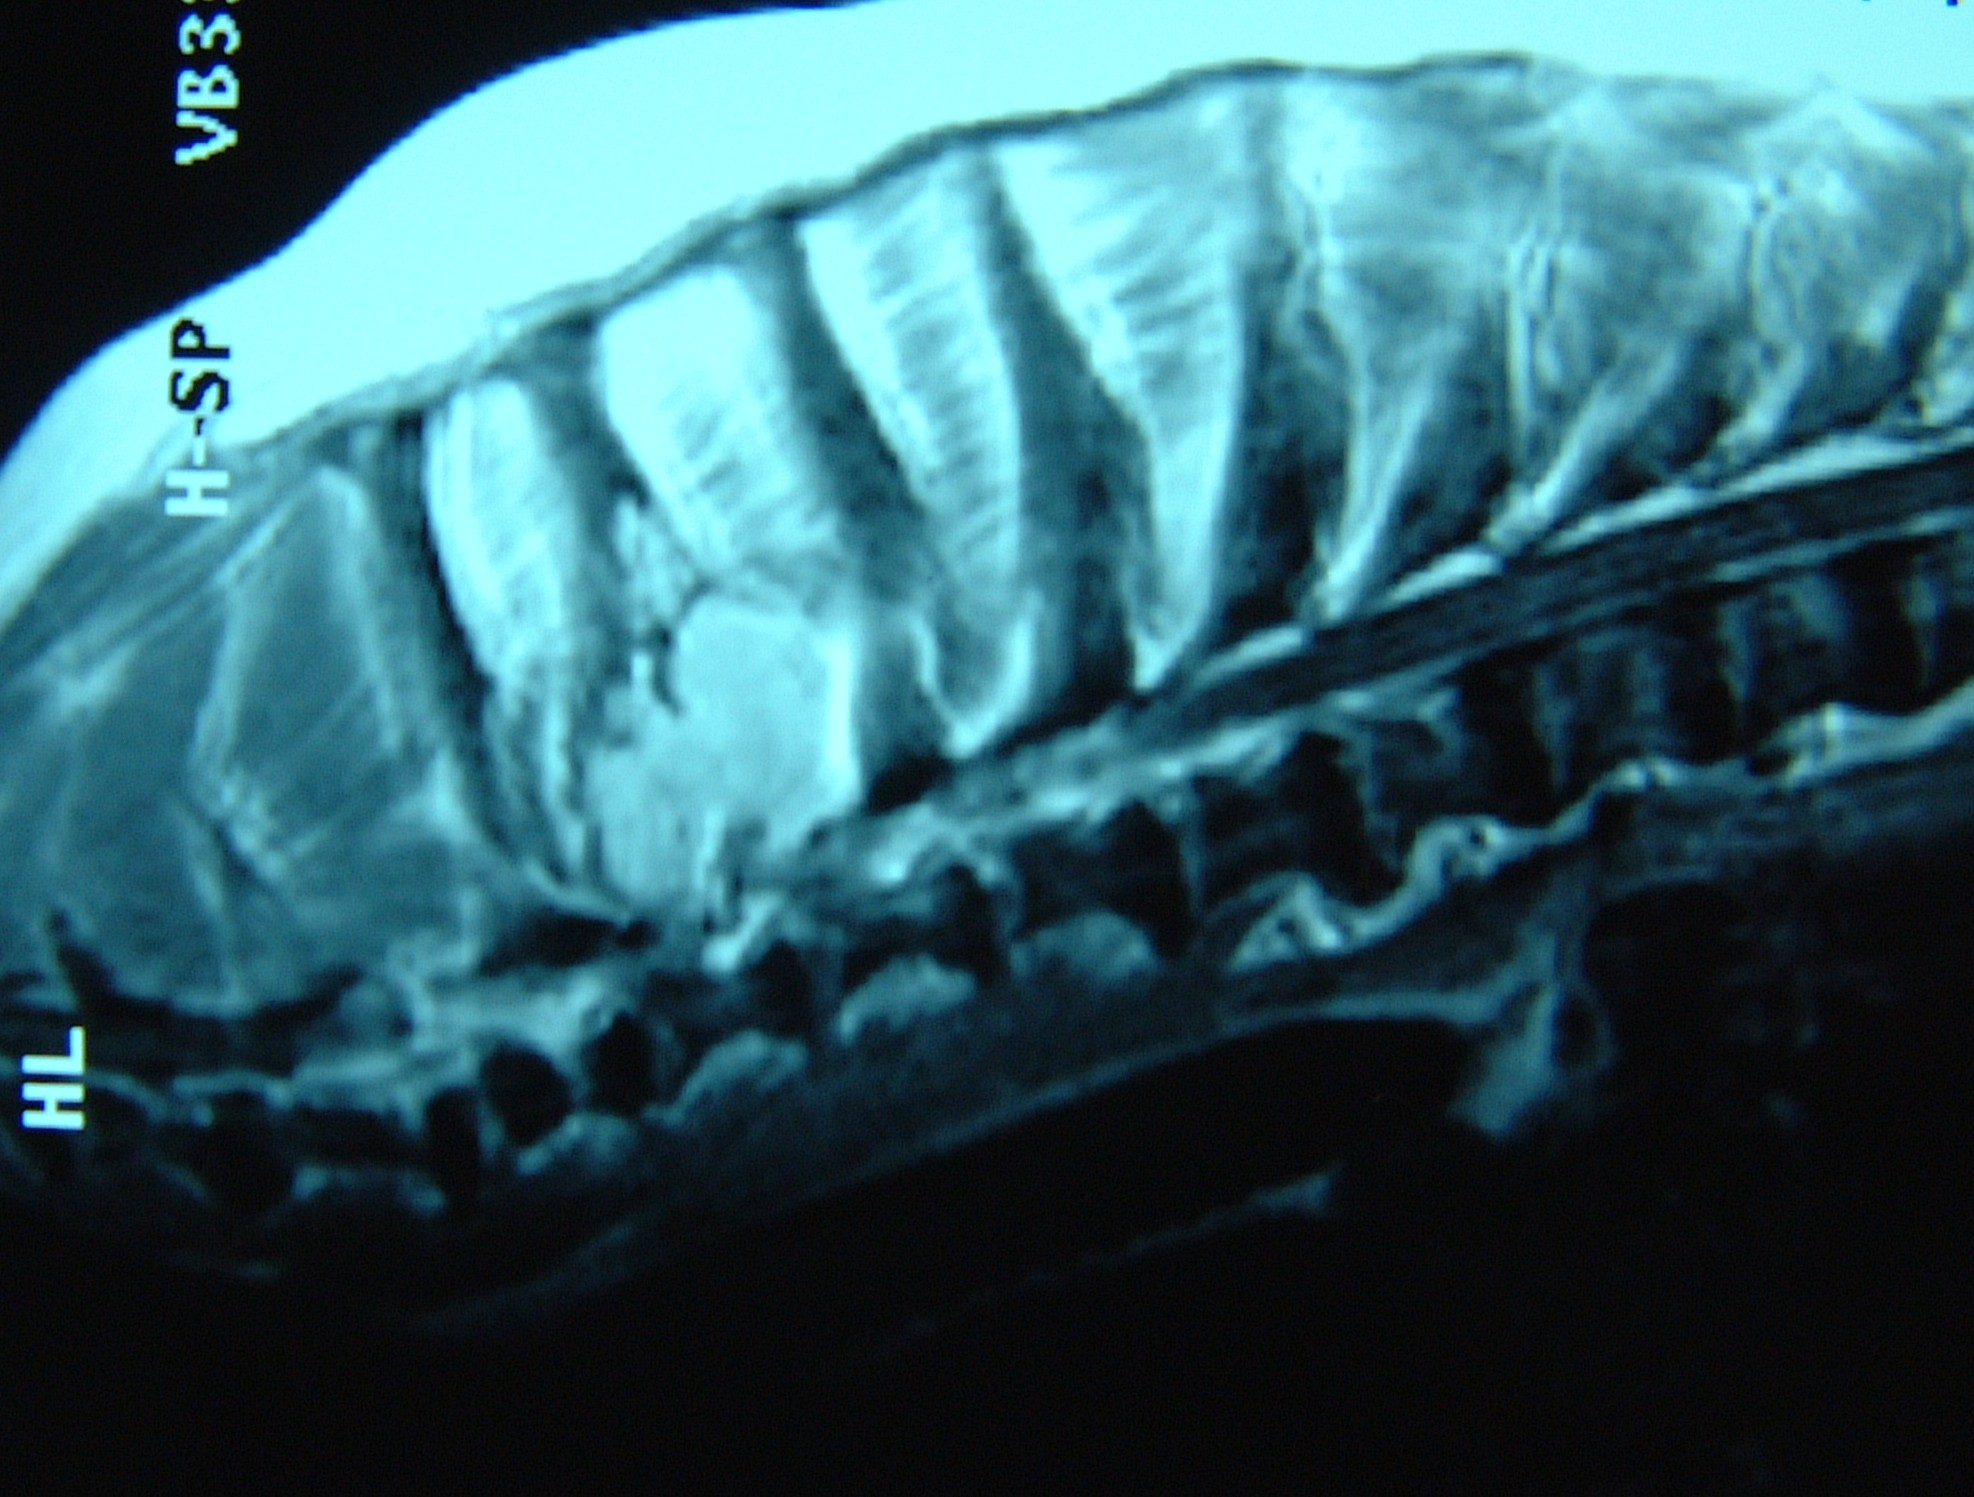 MRI - T2 Osteosarcoma